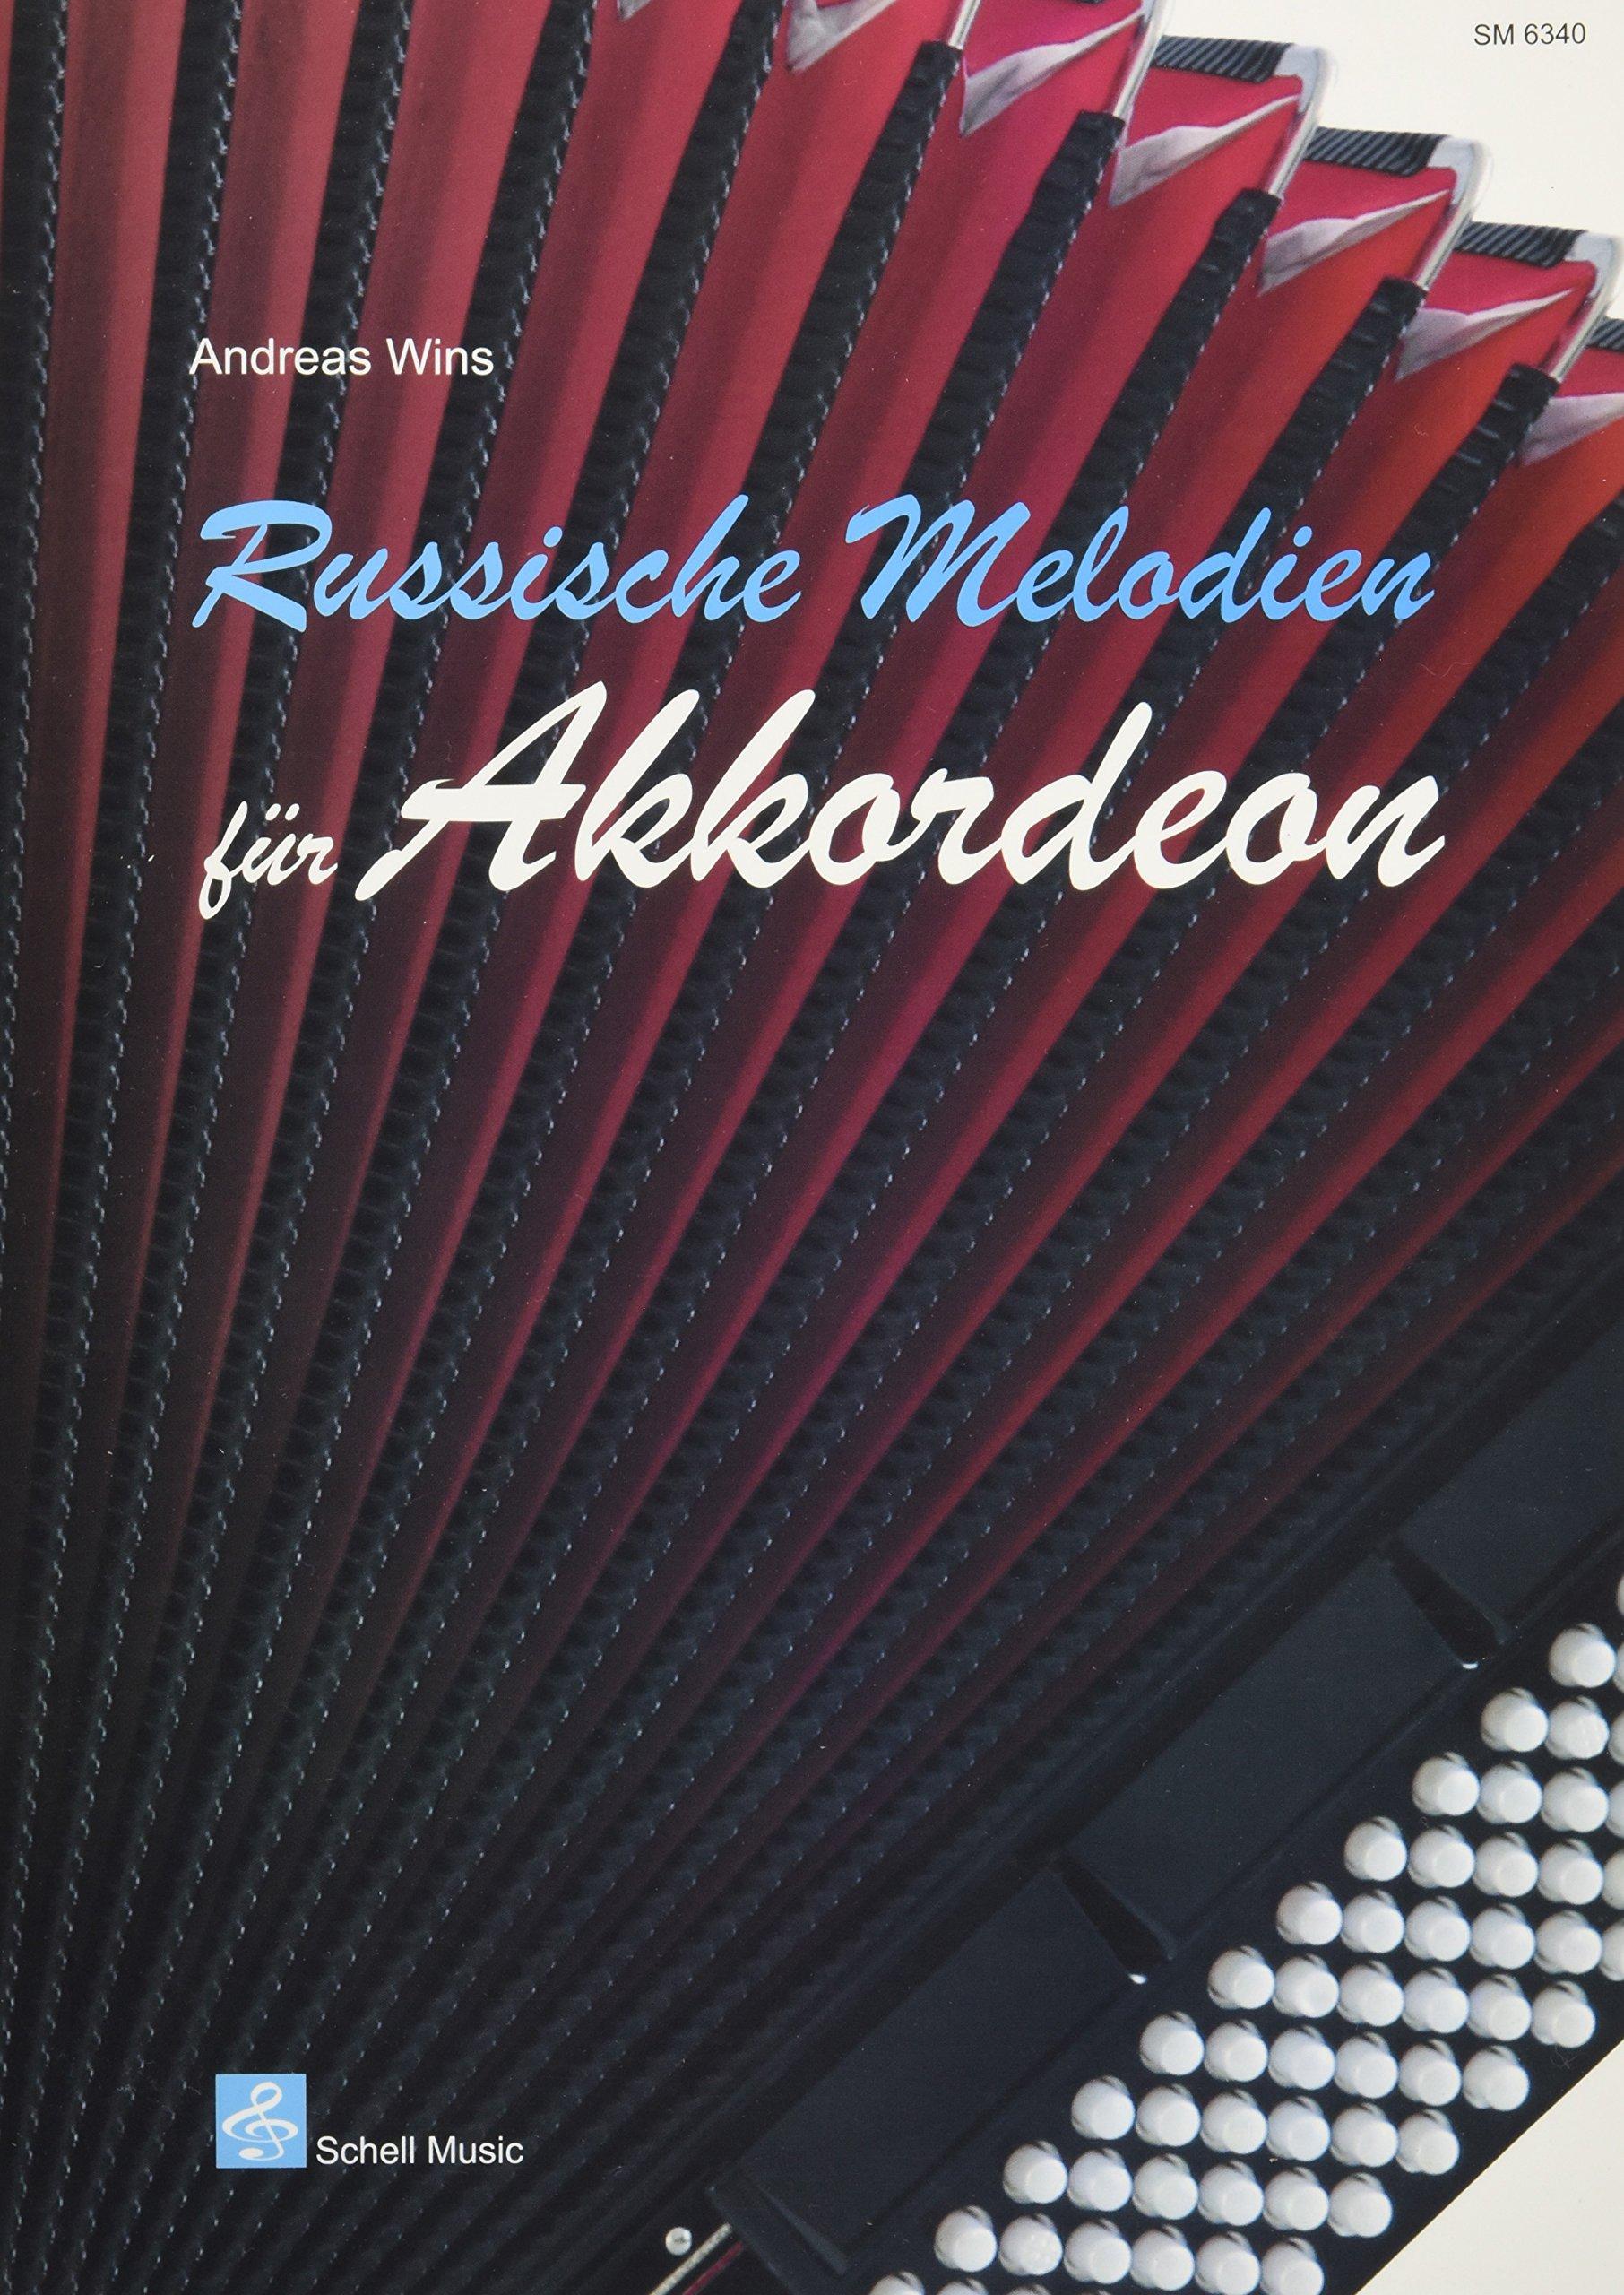 Russische Melodien für Akkordeon (Akkordeon-Noten, Akkordeonnoten)